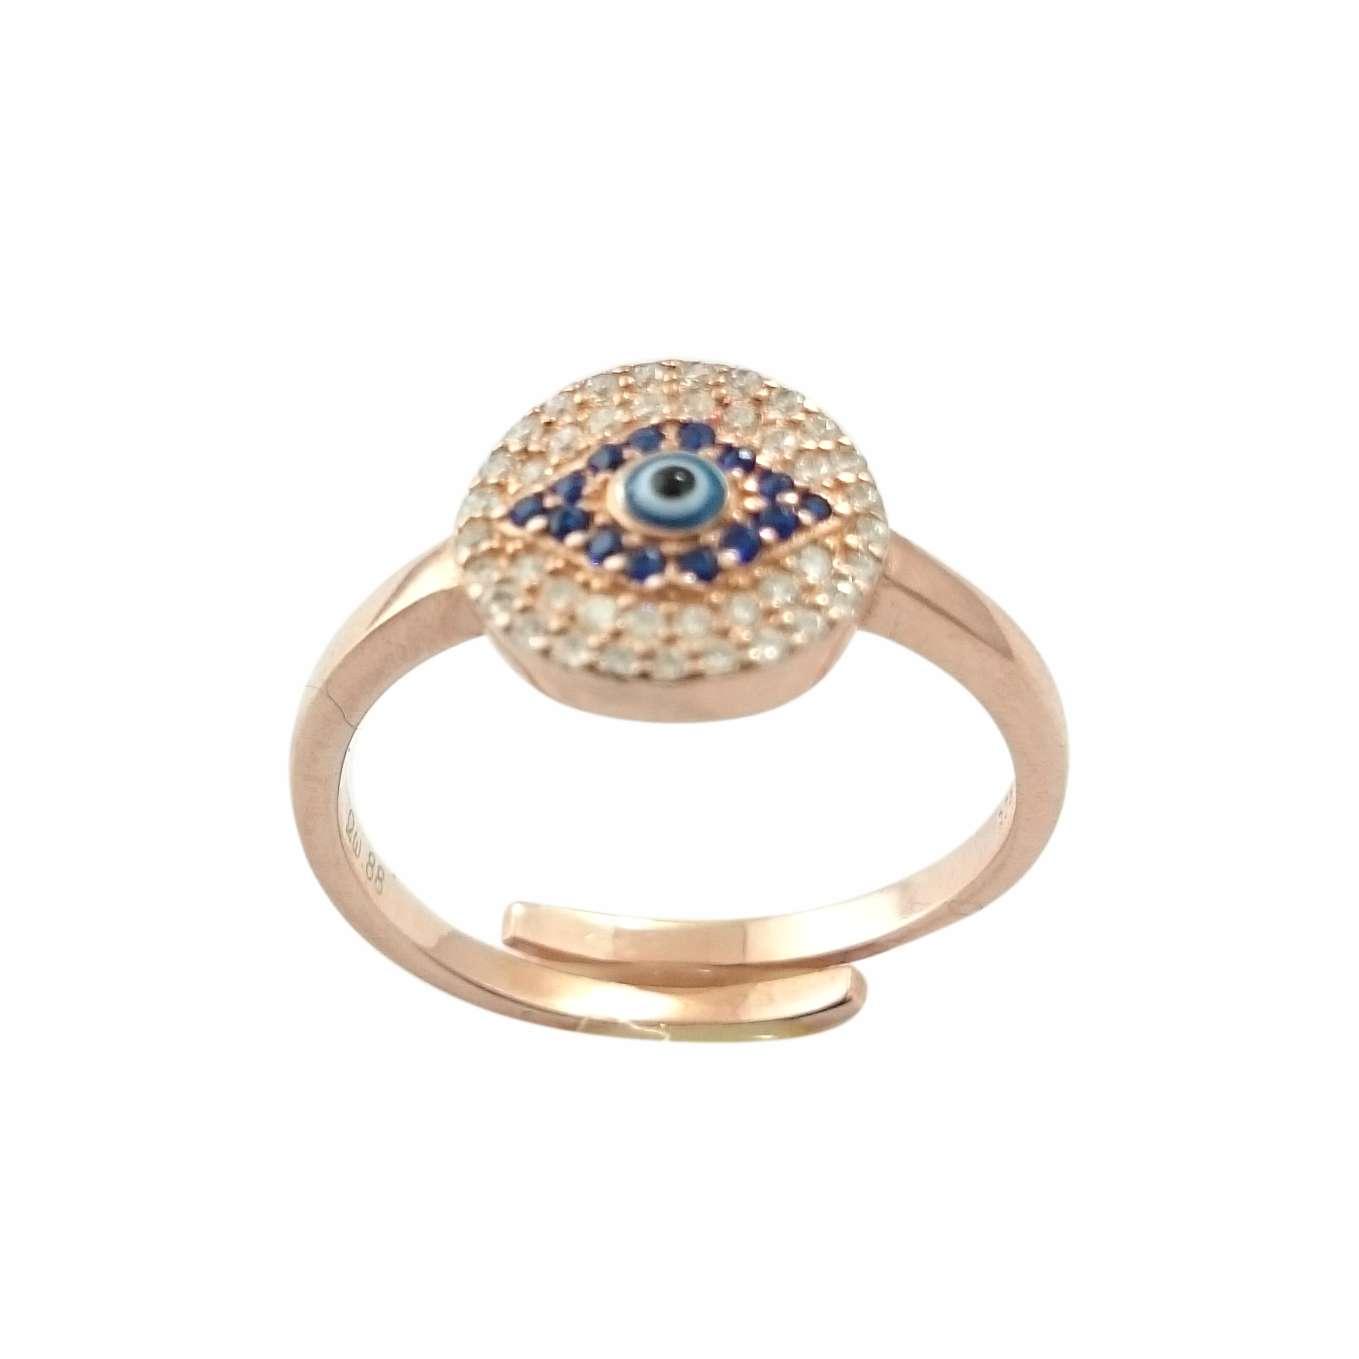 Δαχτυλίδι Μάτι Ασημένιο Ροζ Επιχρυσωμένο Με Λευκά Και Μπλε Ζιργκόν ΔΟ20522